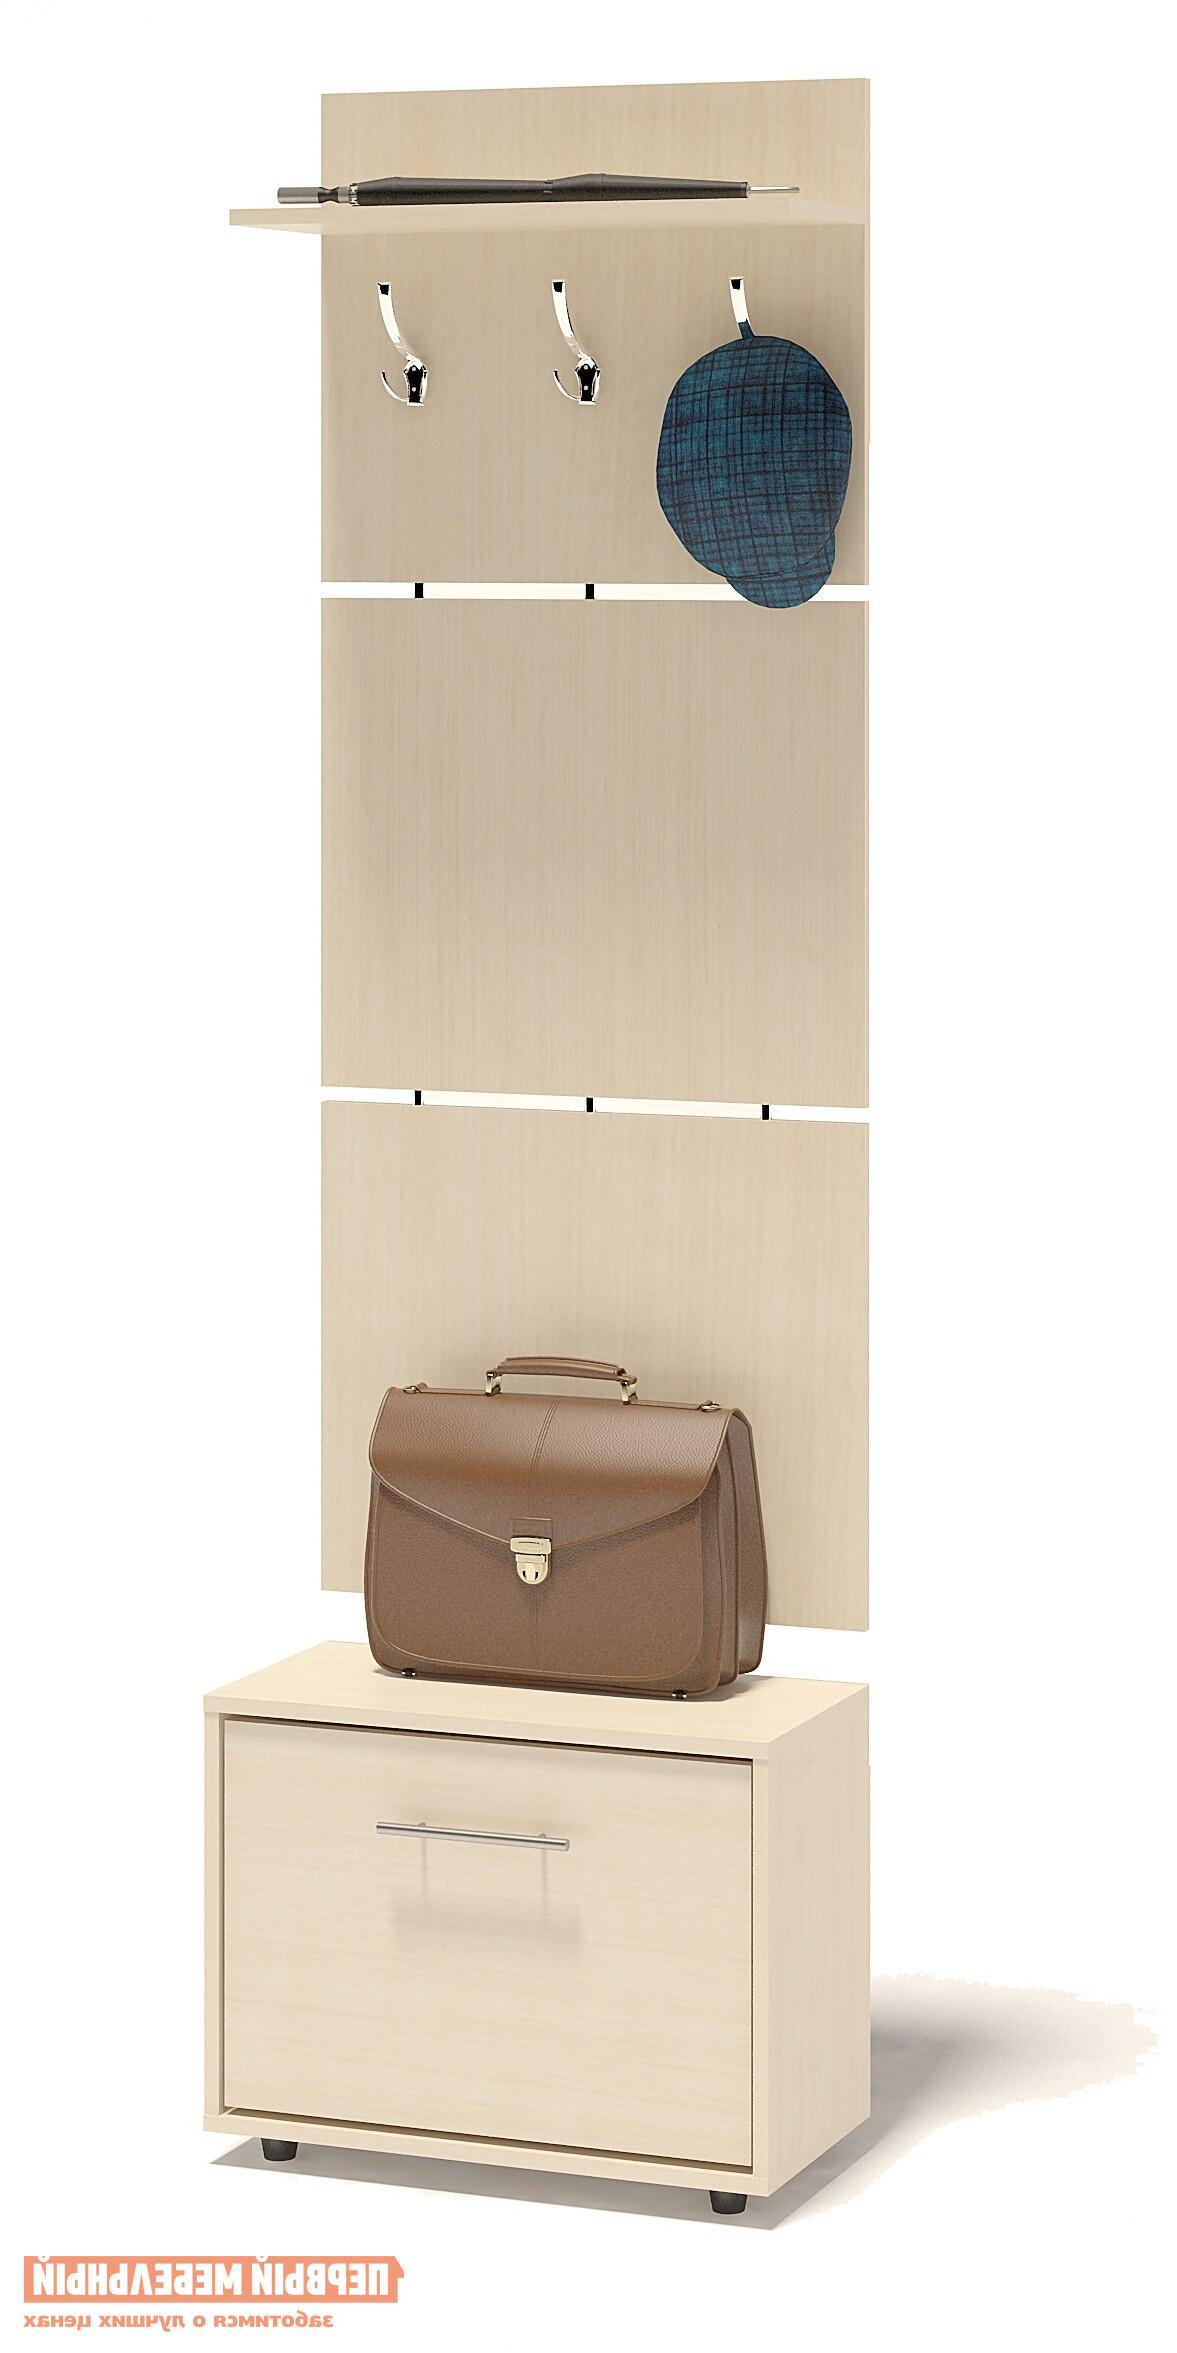 Прихожая Сокол ТП-1 + ВШ-5.1 Беленый дубПрихожие в коридор<br>Габаритные размеры ВхШхГ 1961x600x287 мм. Навесная вешалка, выполненная в современном стиле.  Позволит разместить сезонную одежду всей семьи.  Вешалка состоит из 3-х панелей соединенных металлическими вставками.  Полка, закрепленная над крючками для одежды, предназначена специально для головных уборов и зонтов.  Максимальная нагрузка на полку составляет 5кг.  Компактная тумба для обуви, шириной 600 мм.  Дверь оснащена откидывающимся механизмом со специальными полками для размещения обуви, который обеспечивает удобство хранения и легкий доступ к необходимой паре кроссовок или туфлей.  Изделие поставляется в разобранном виде.  Хорошо упаковано в гофротару вместе с необходимой фурнитурой для сборки и подробной инструкцией.   Изготовлена из высококачественной ДСП 16 мм.   Отделывается кромкой ПВХ 0. 4 мм.   Поставляется в разобранном виде.  Рекомендуем сохранить инструкцию по сборке (паспорт изделия) до истечения гарантийного срока.<br><br>Цвет: Светлое дерево<br>Высота мм: 1961<br>Ширина мм: 600<br>Глубина мм: 287<br>Кол-во упаковок: 2<br>Форма поставки: В разобранном виде<br>Срок гарантии: 2 года<br>Тип: Прямые<br>Характеристика: Модульные<br>Материал: ЛДСП<br>Размер: Маленькие<br>Размер: Узкие<br>Размер: Глубина до 30 см<br>Размер: Глубина до 35 см<br>С открытой вешалкой: Да<br>На ножках: Да<br>С обувницей: Да<br>Без шкафа: Да<br>Стиль: Современный